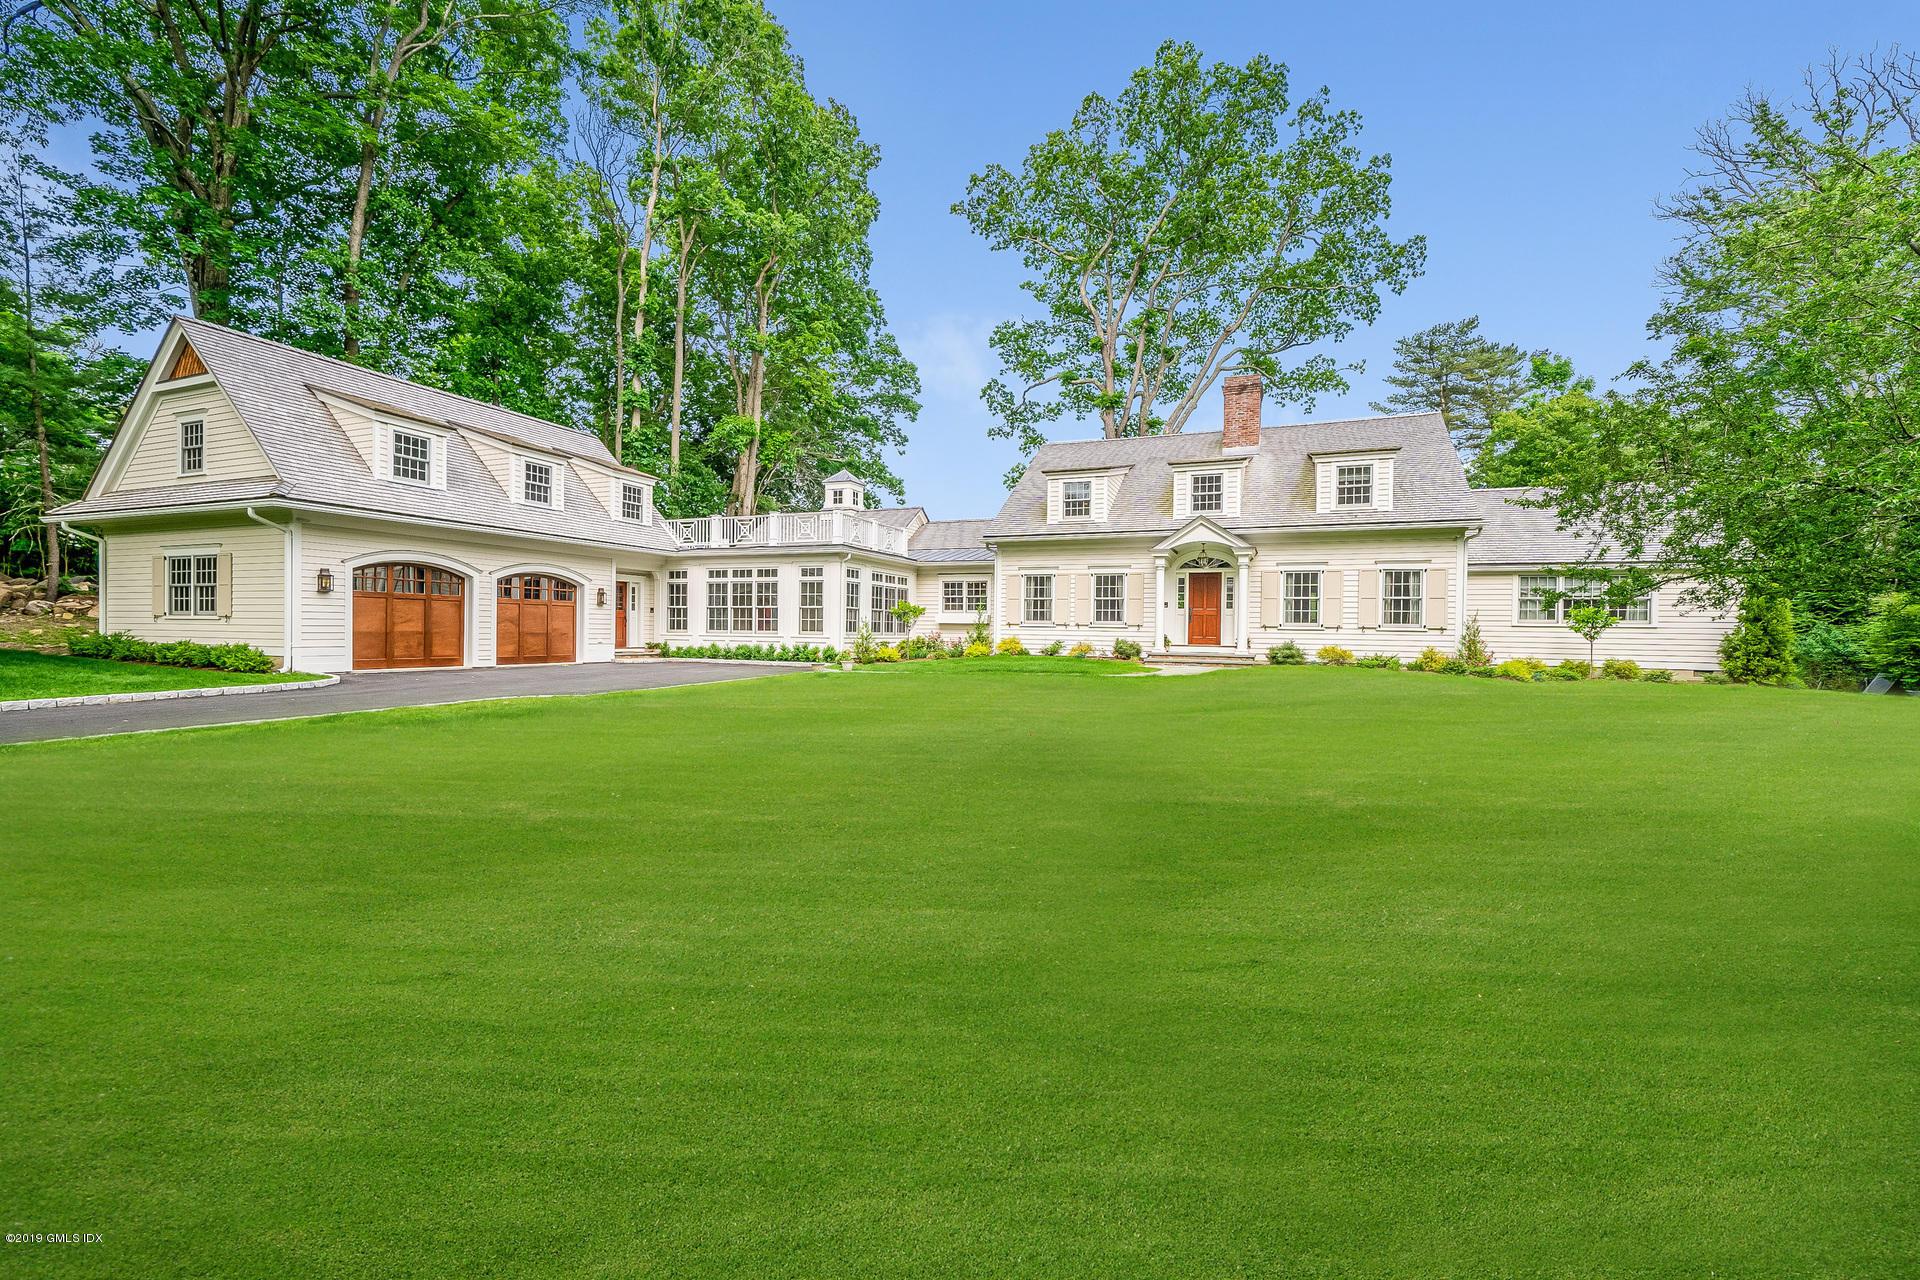 15 Beechcroft Road,Greenwich,Connecticut 06830,4 Bedrooms Bedrooms,4 BathroomsBathrooms,Single family,Beechcroft,108628